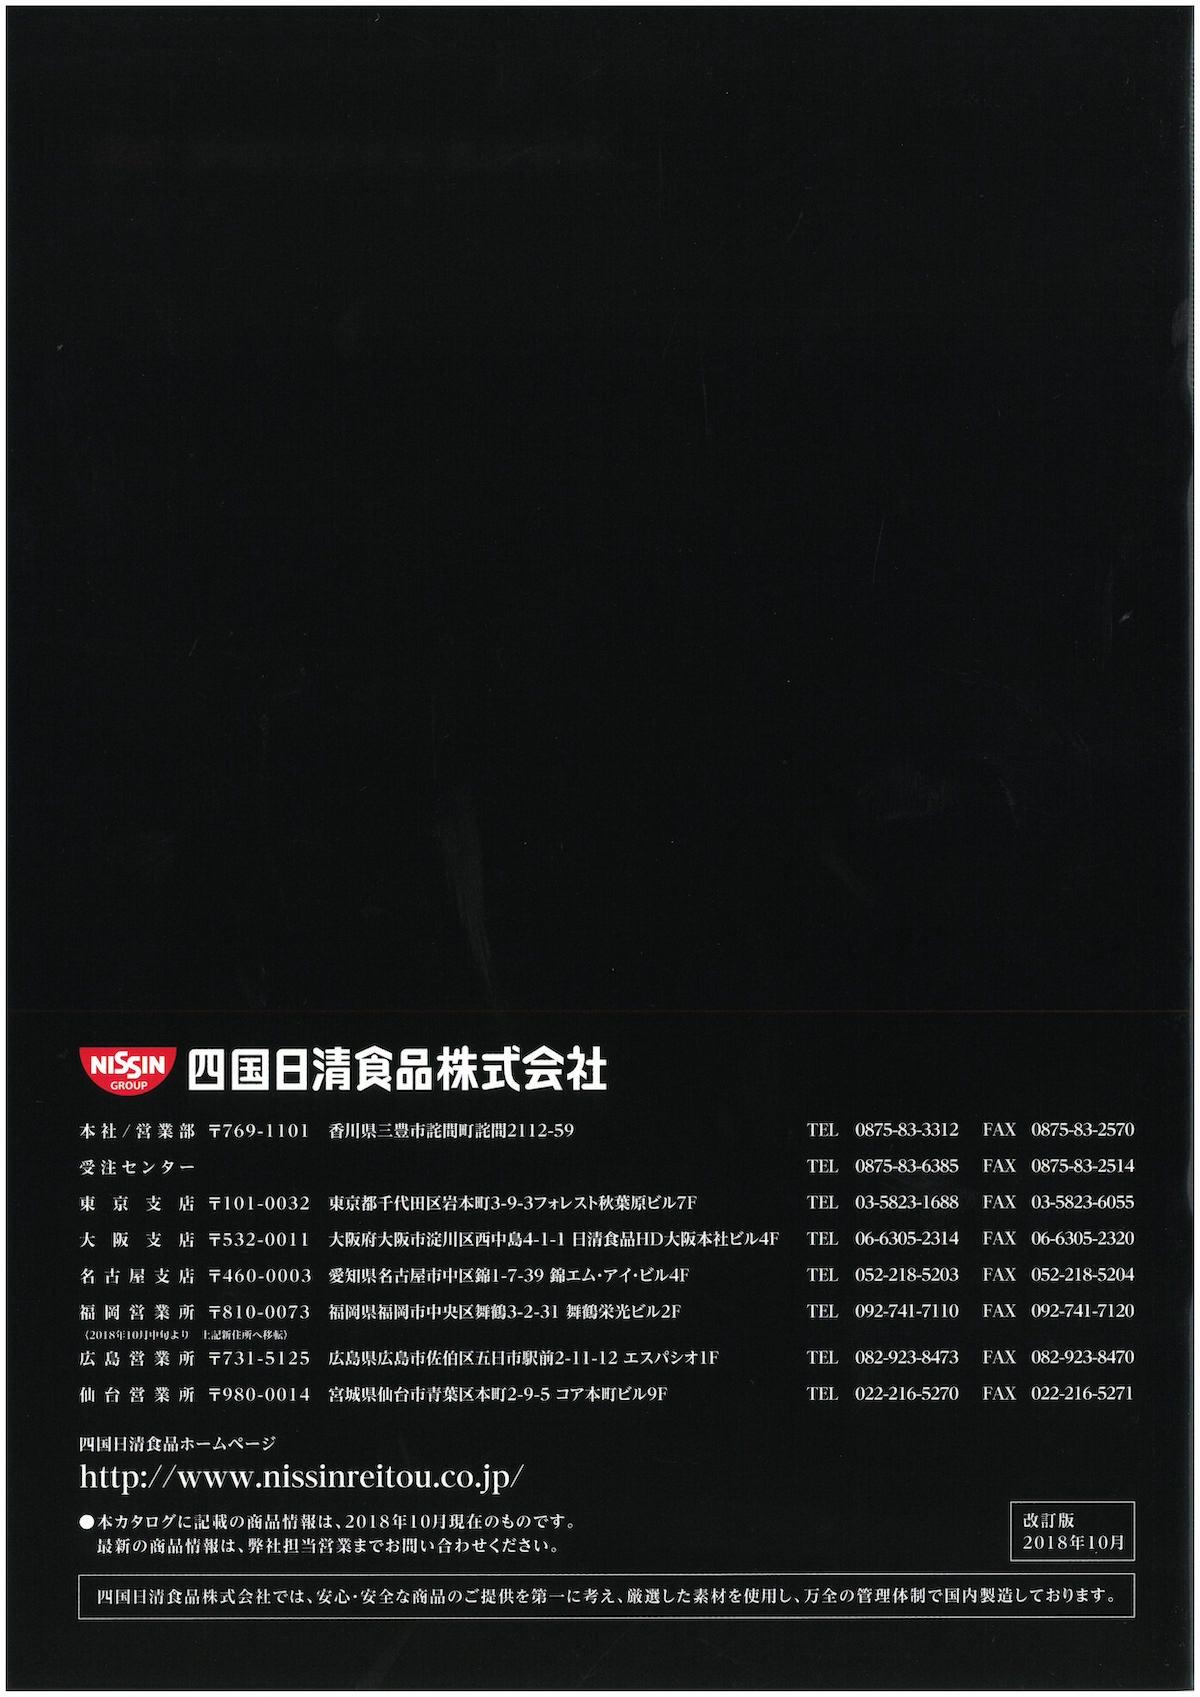 四国日清 2018